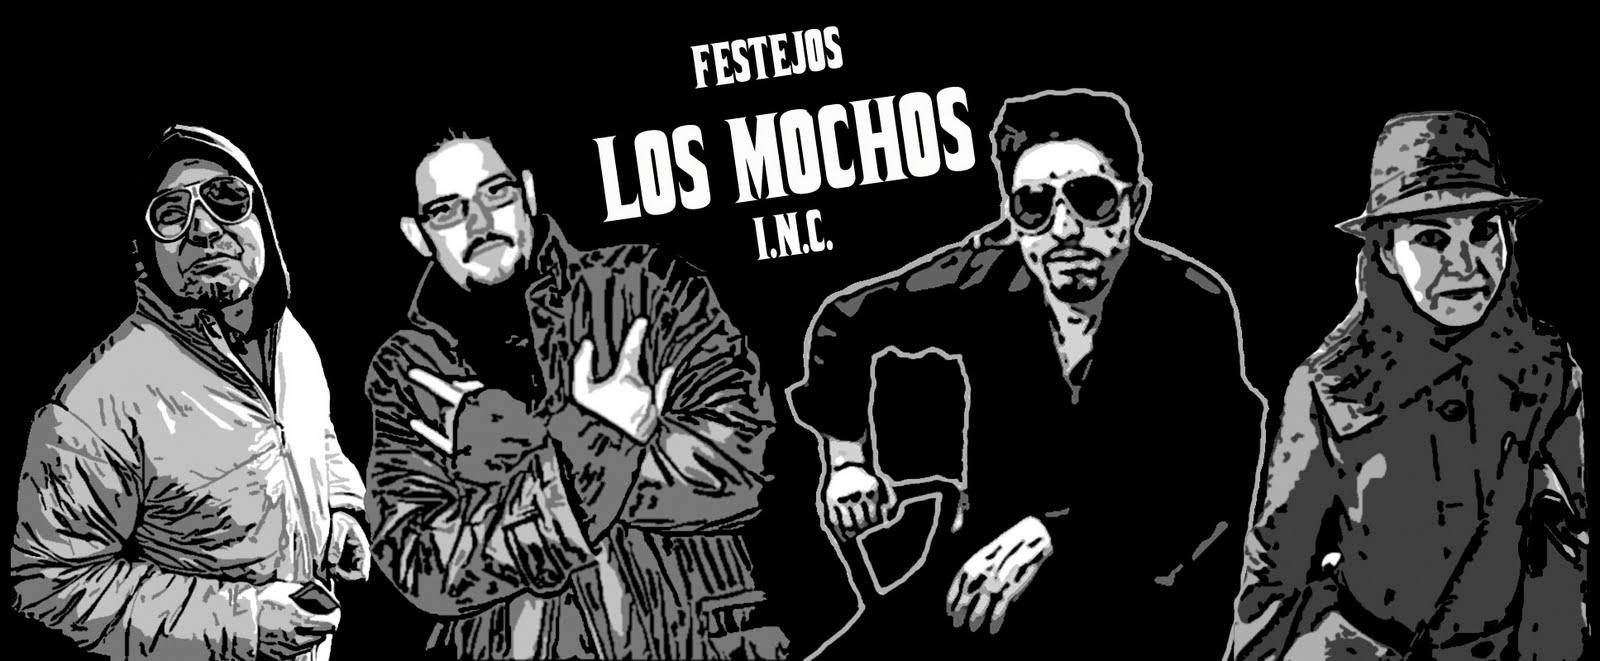 Festejos Los Mochos I.N.C.